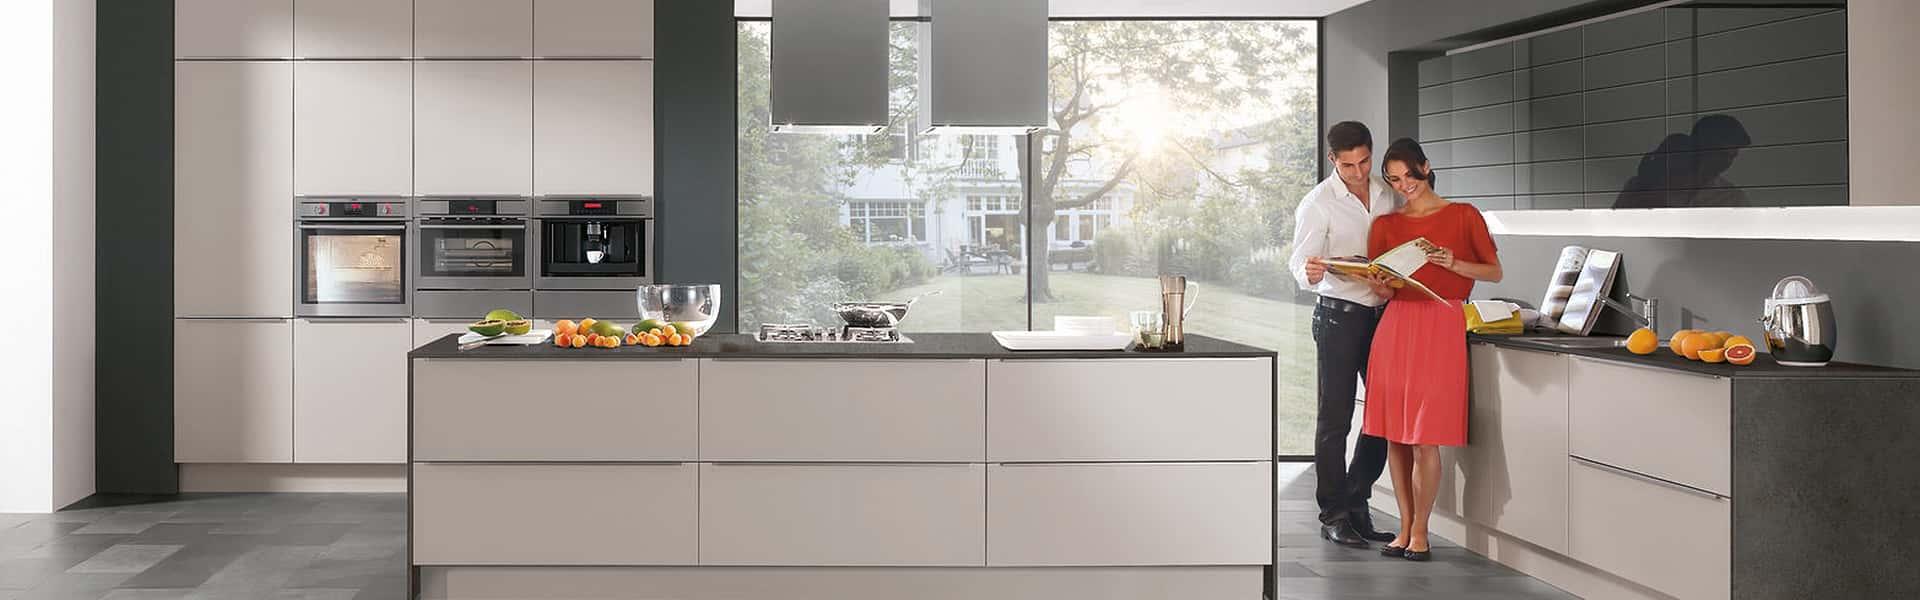 Möbel Roller Küche Planen